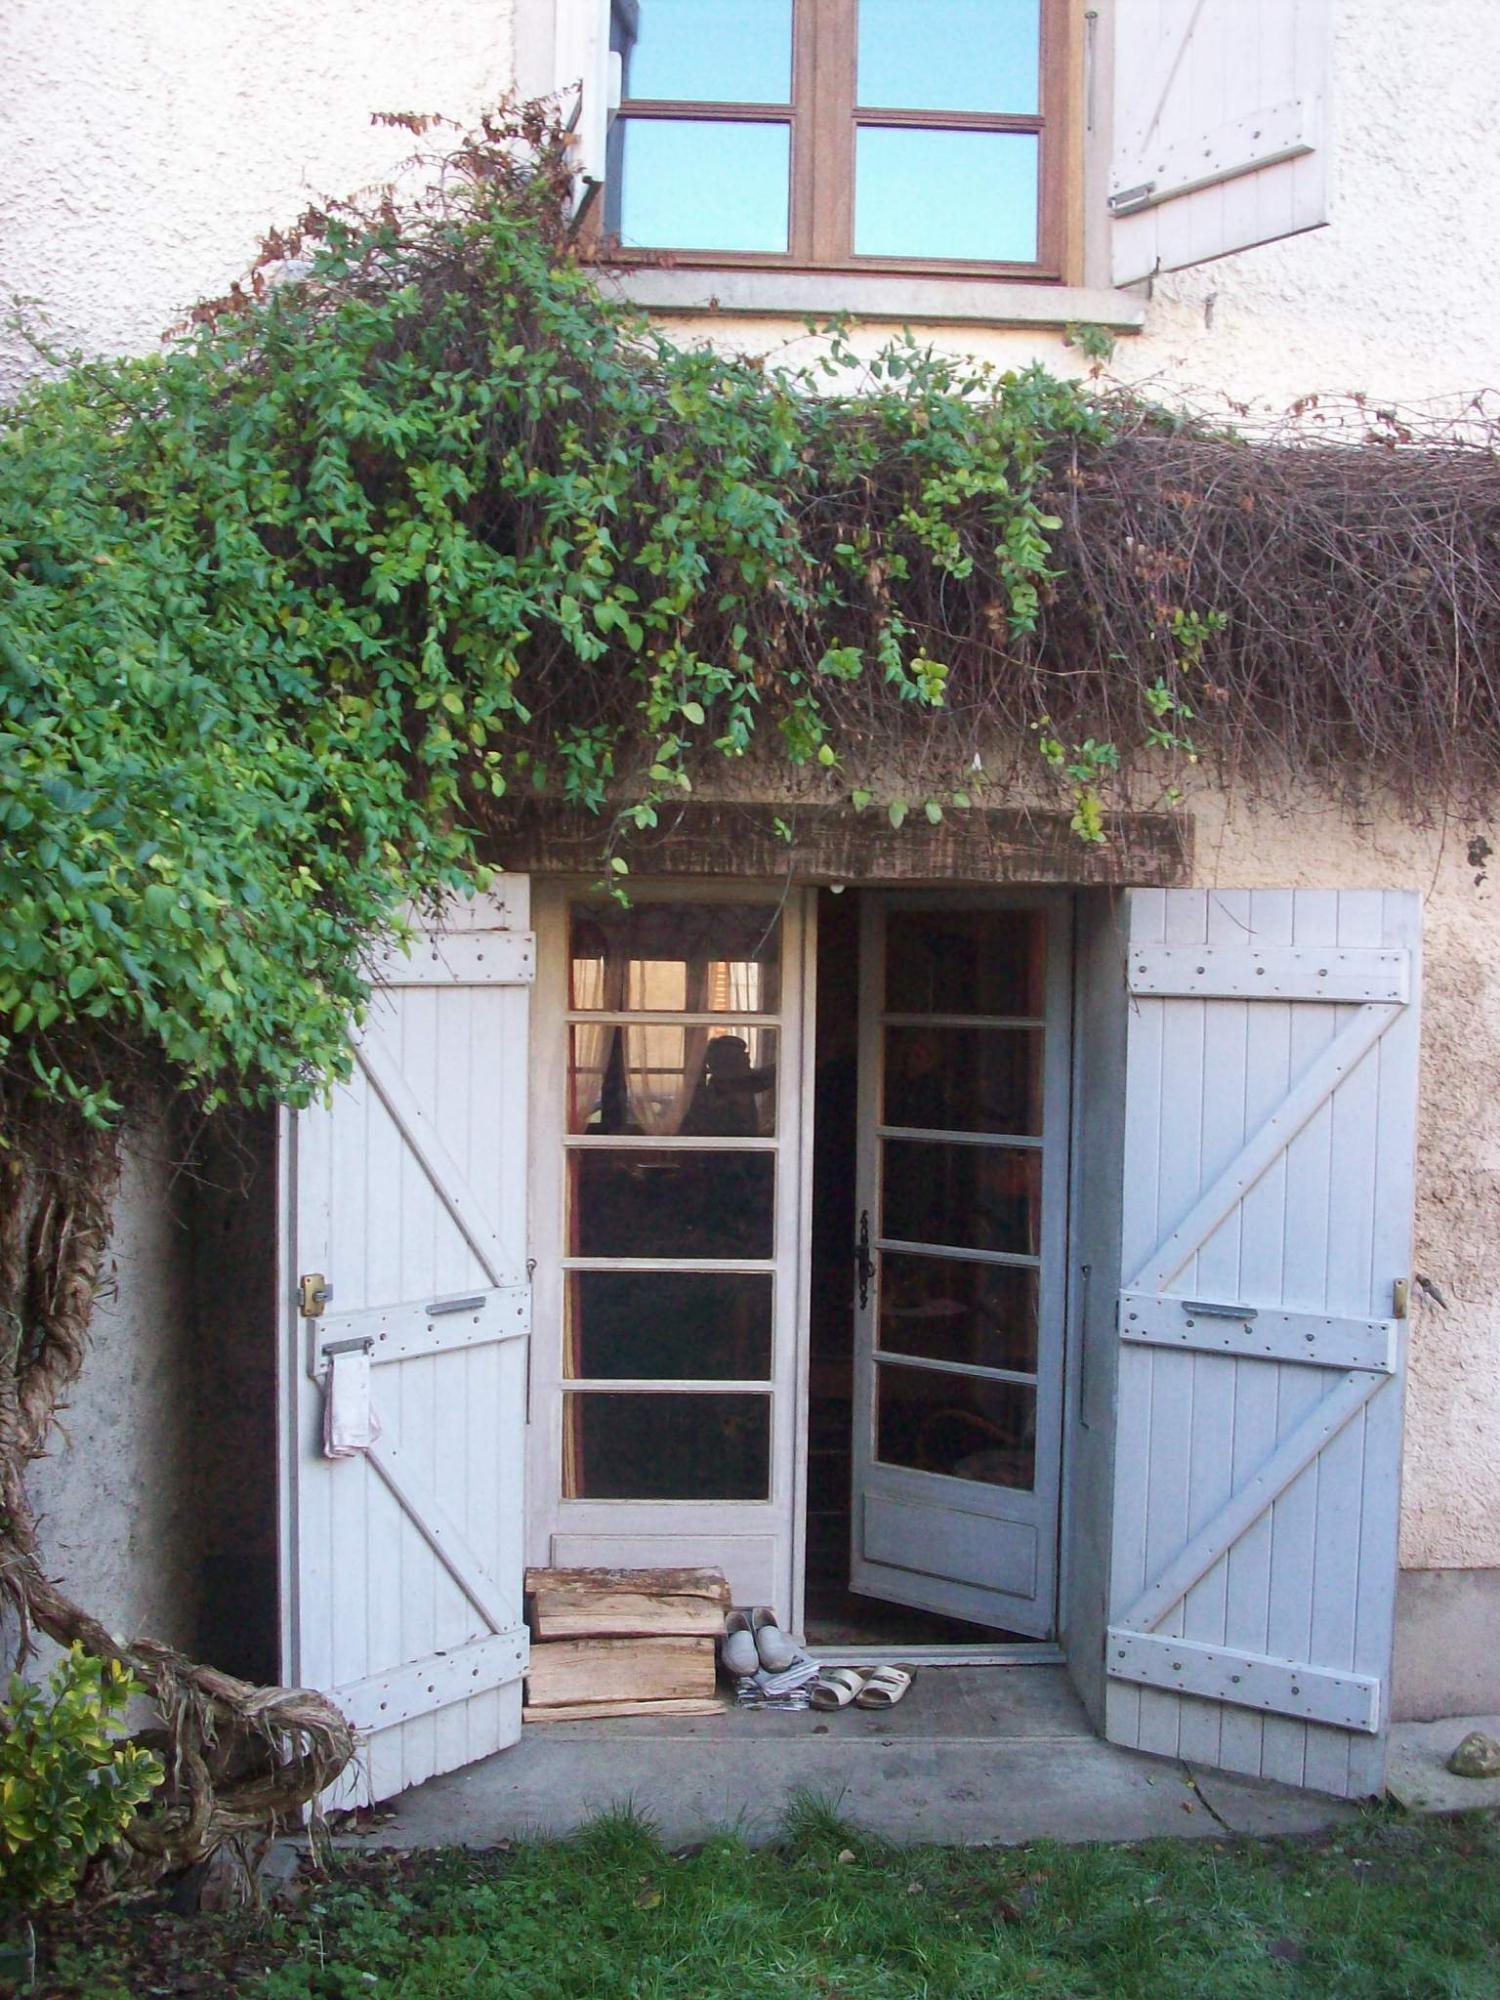 Vente maison de village proximité Montauban